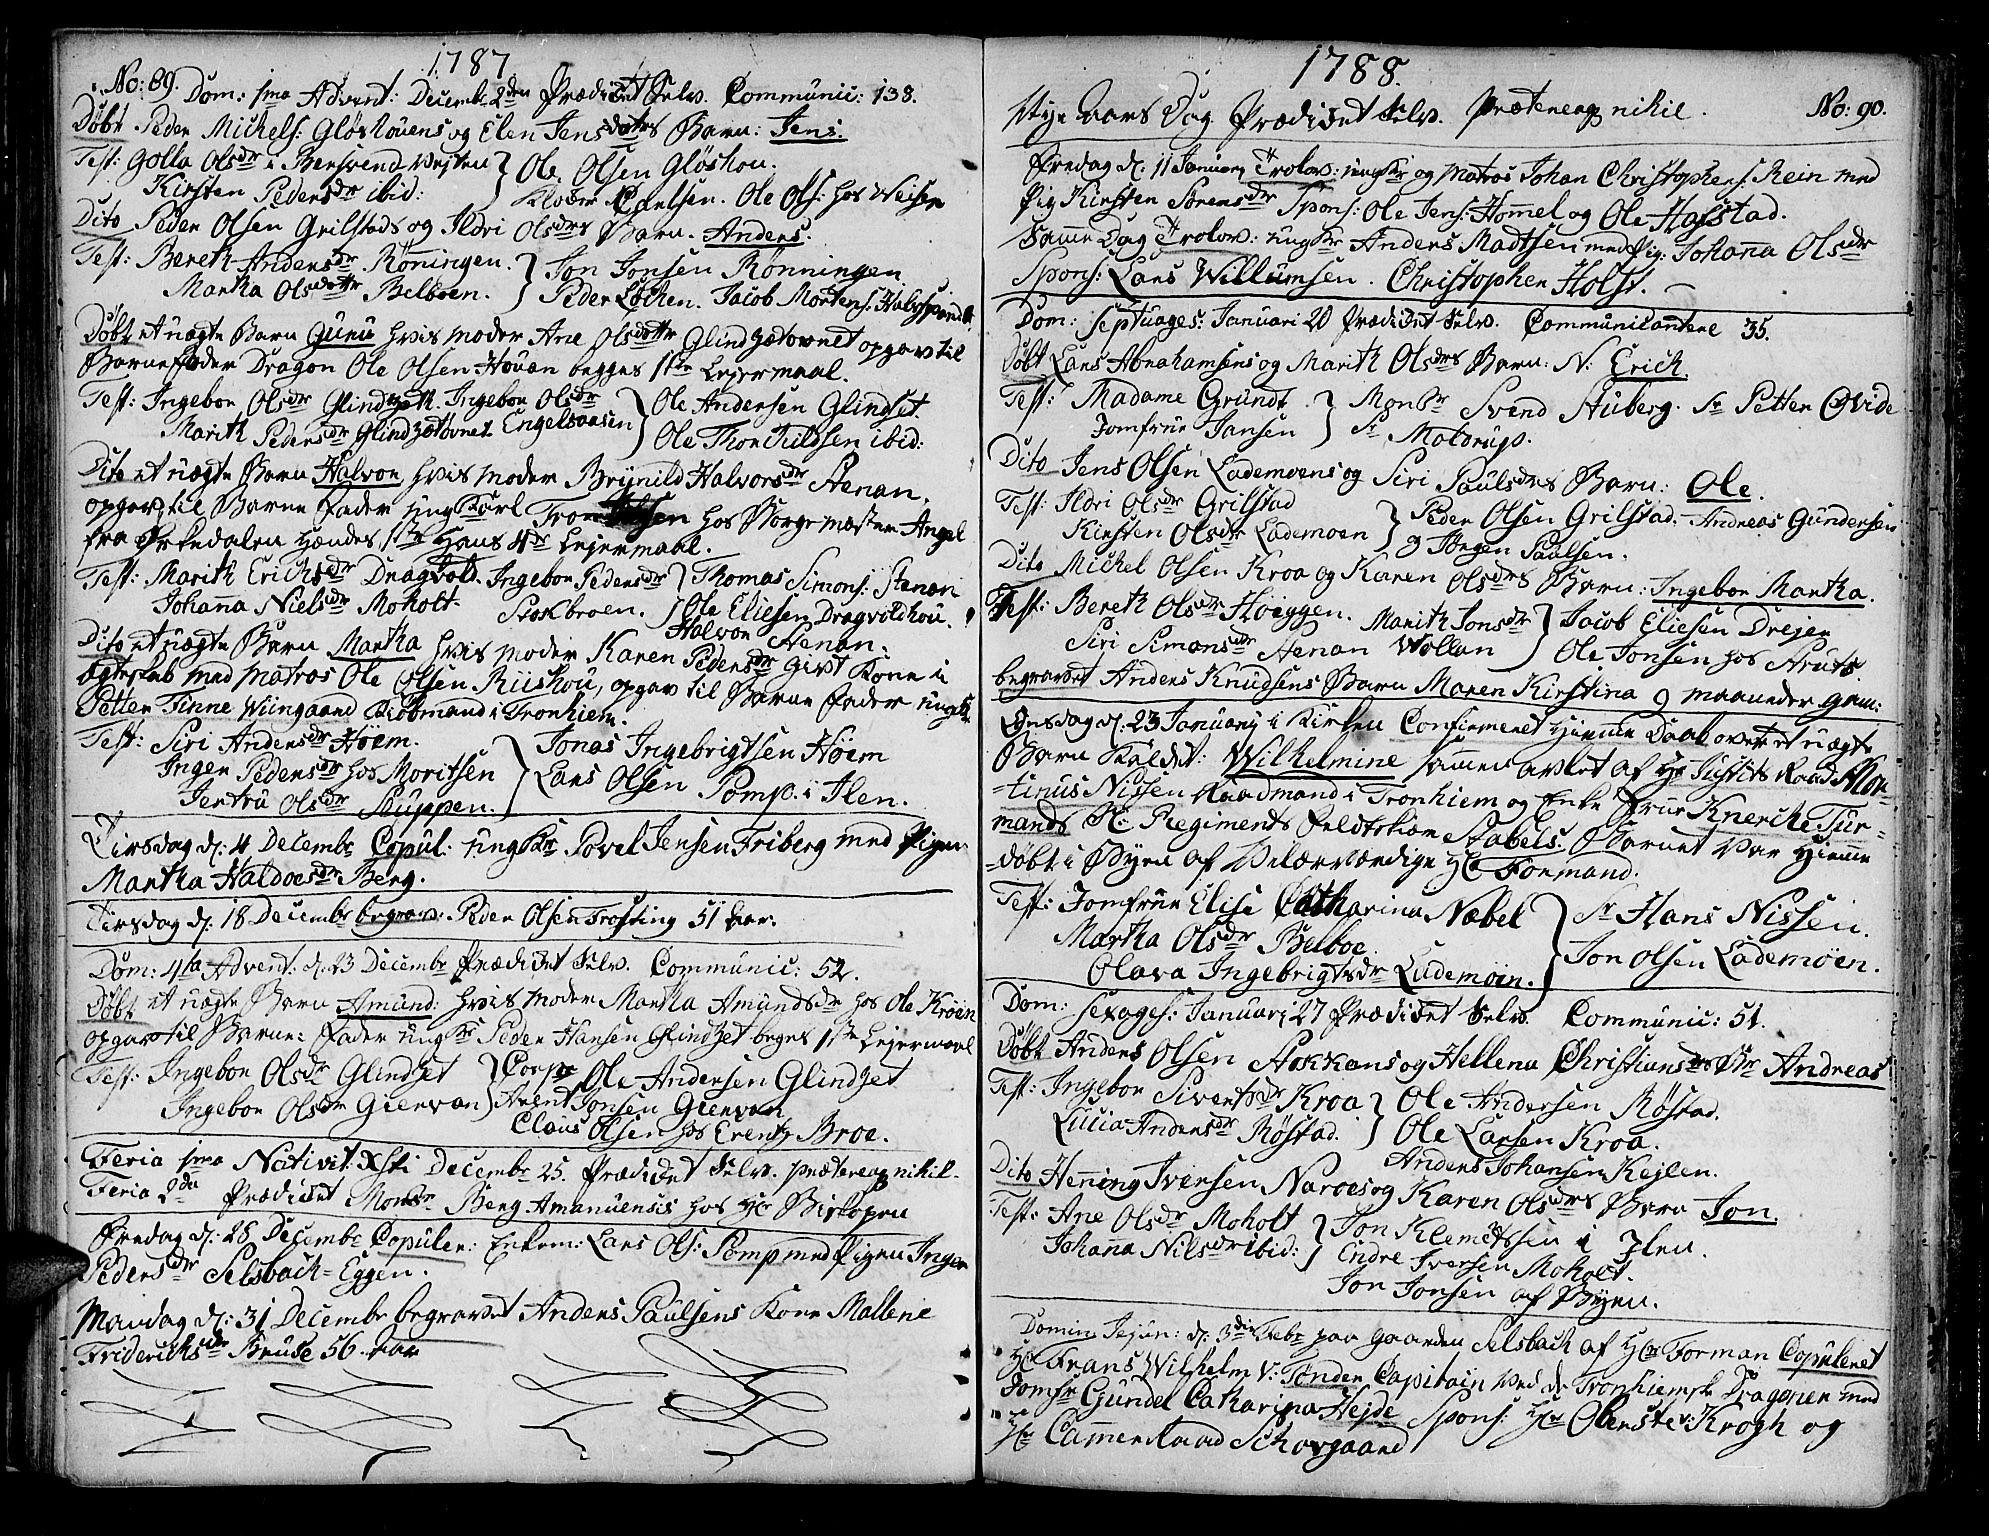 SAT, Ministerialprotokoller, klokkerbøker og fødselsregistre - Sør-Trøndelag, 604/L0180: Ministerialbok nr. 604A01, 1780-1797, s. 89-90